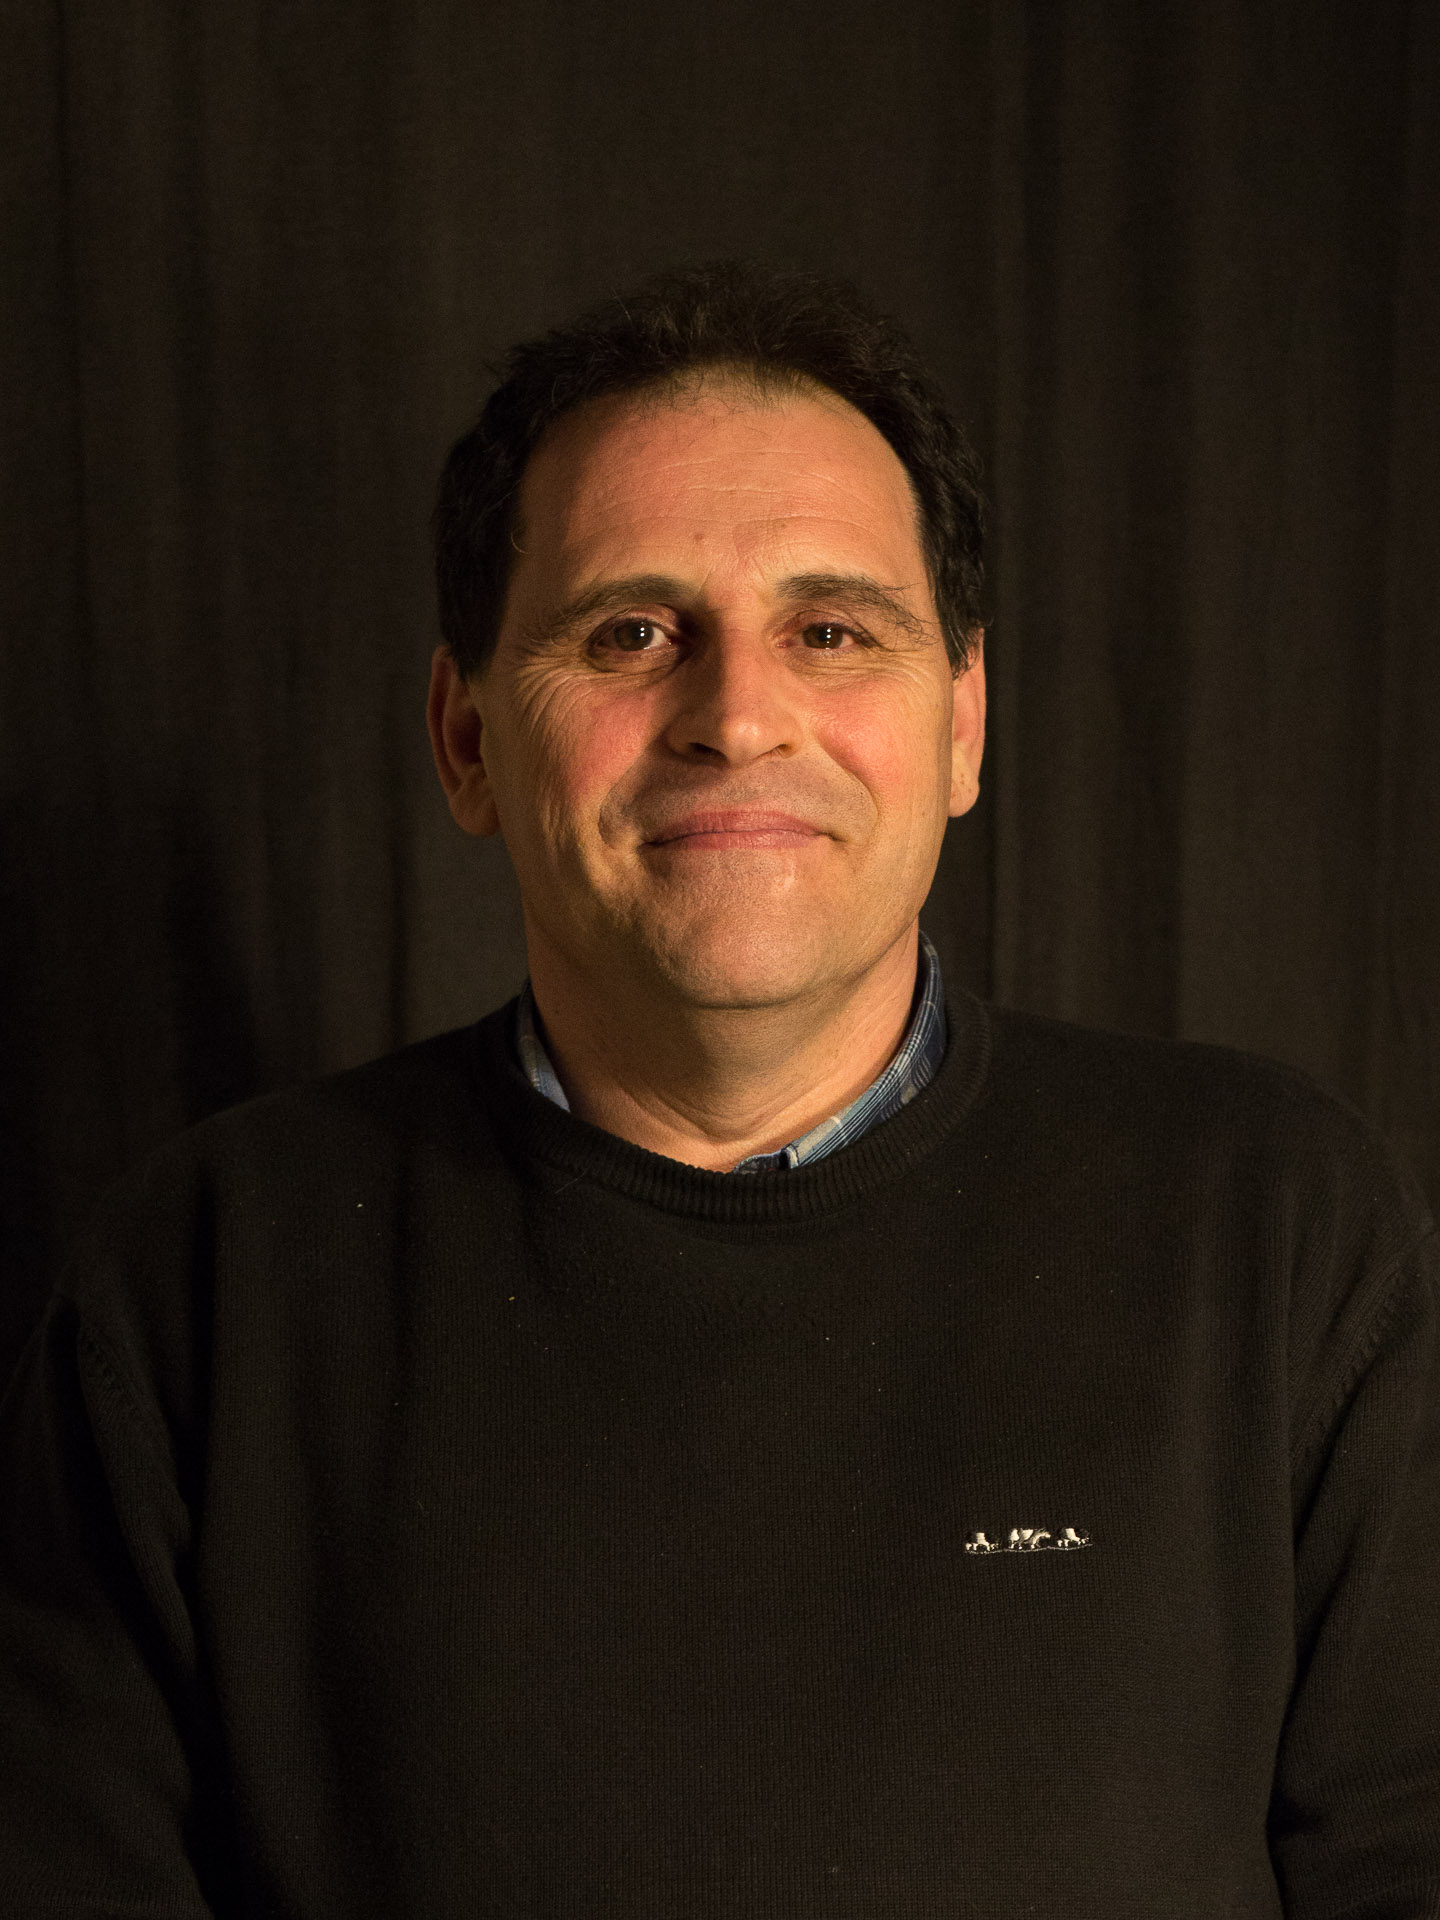 Jean-Philippe Civade